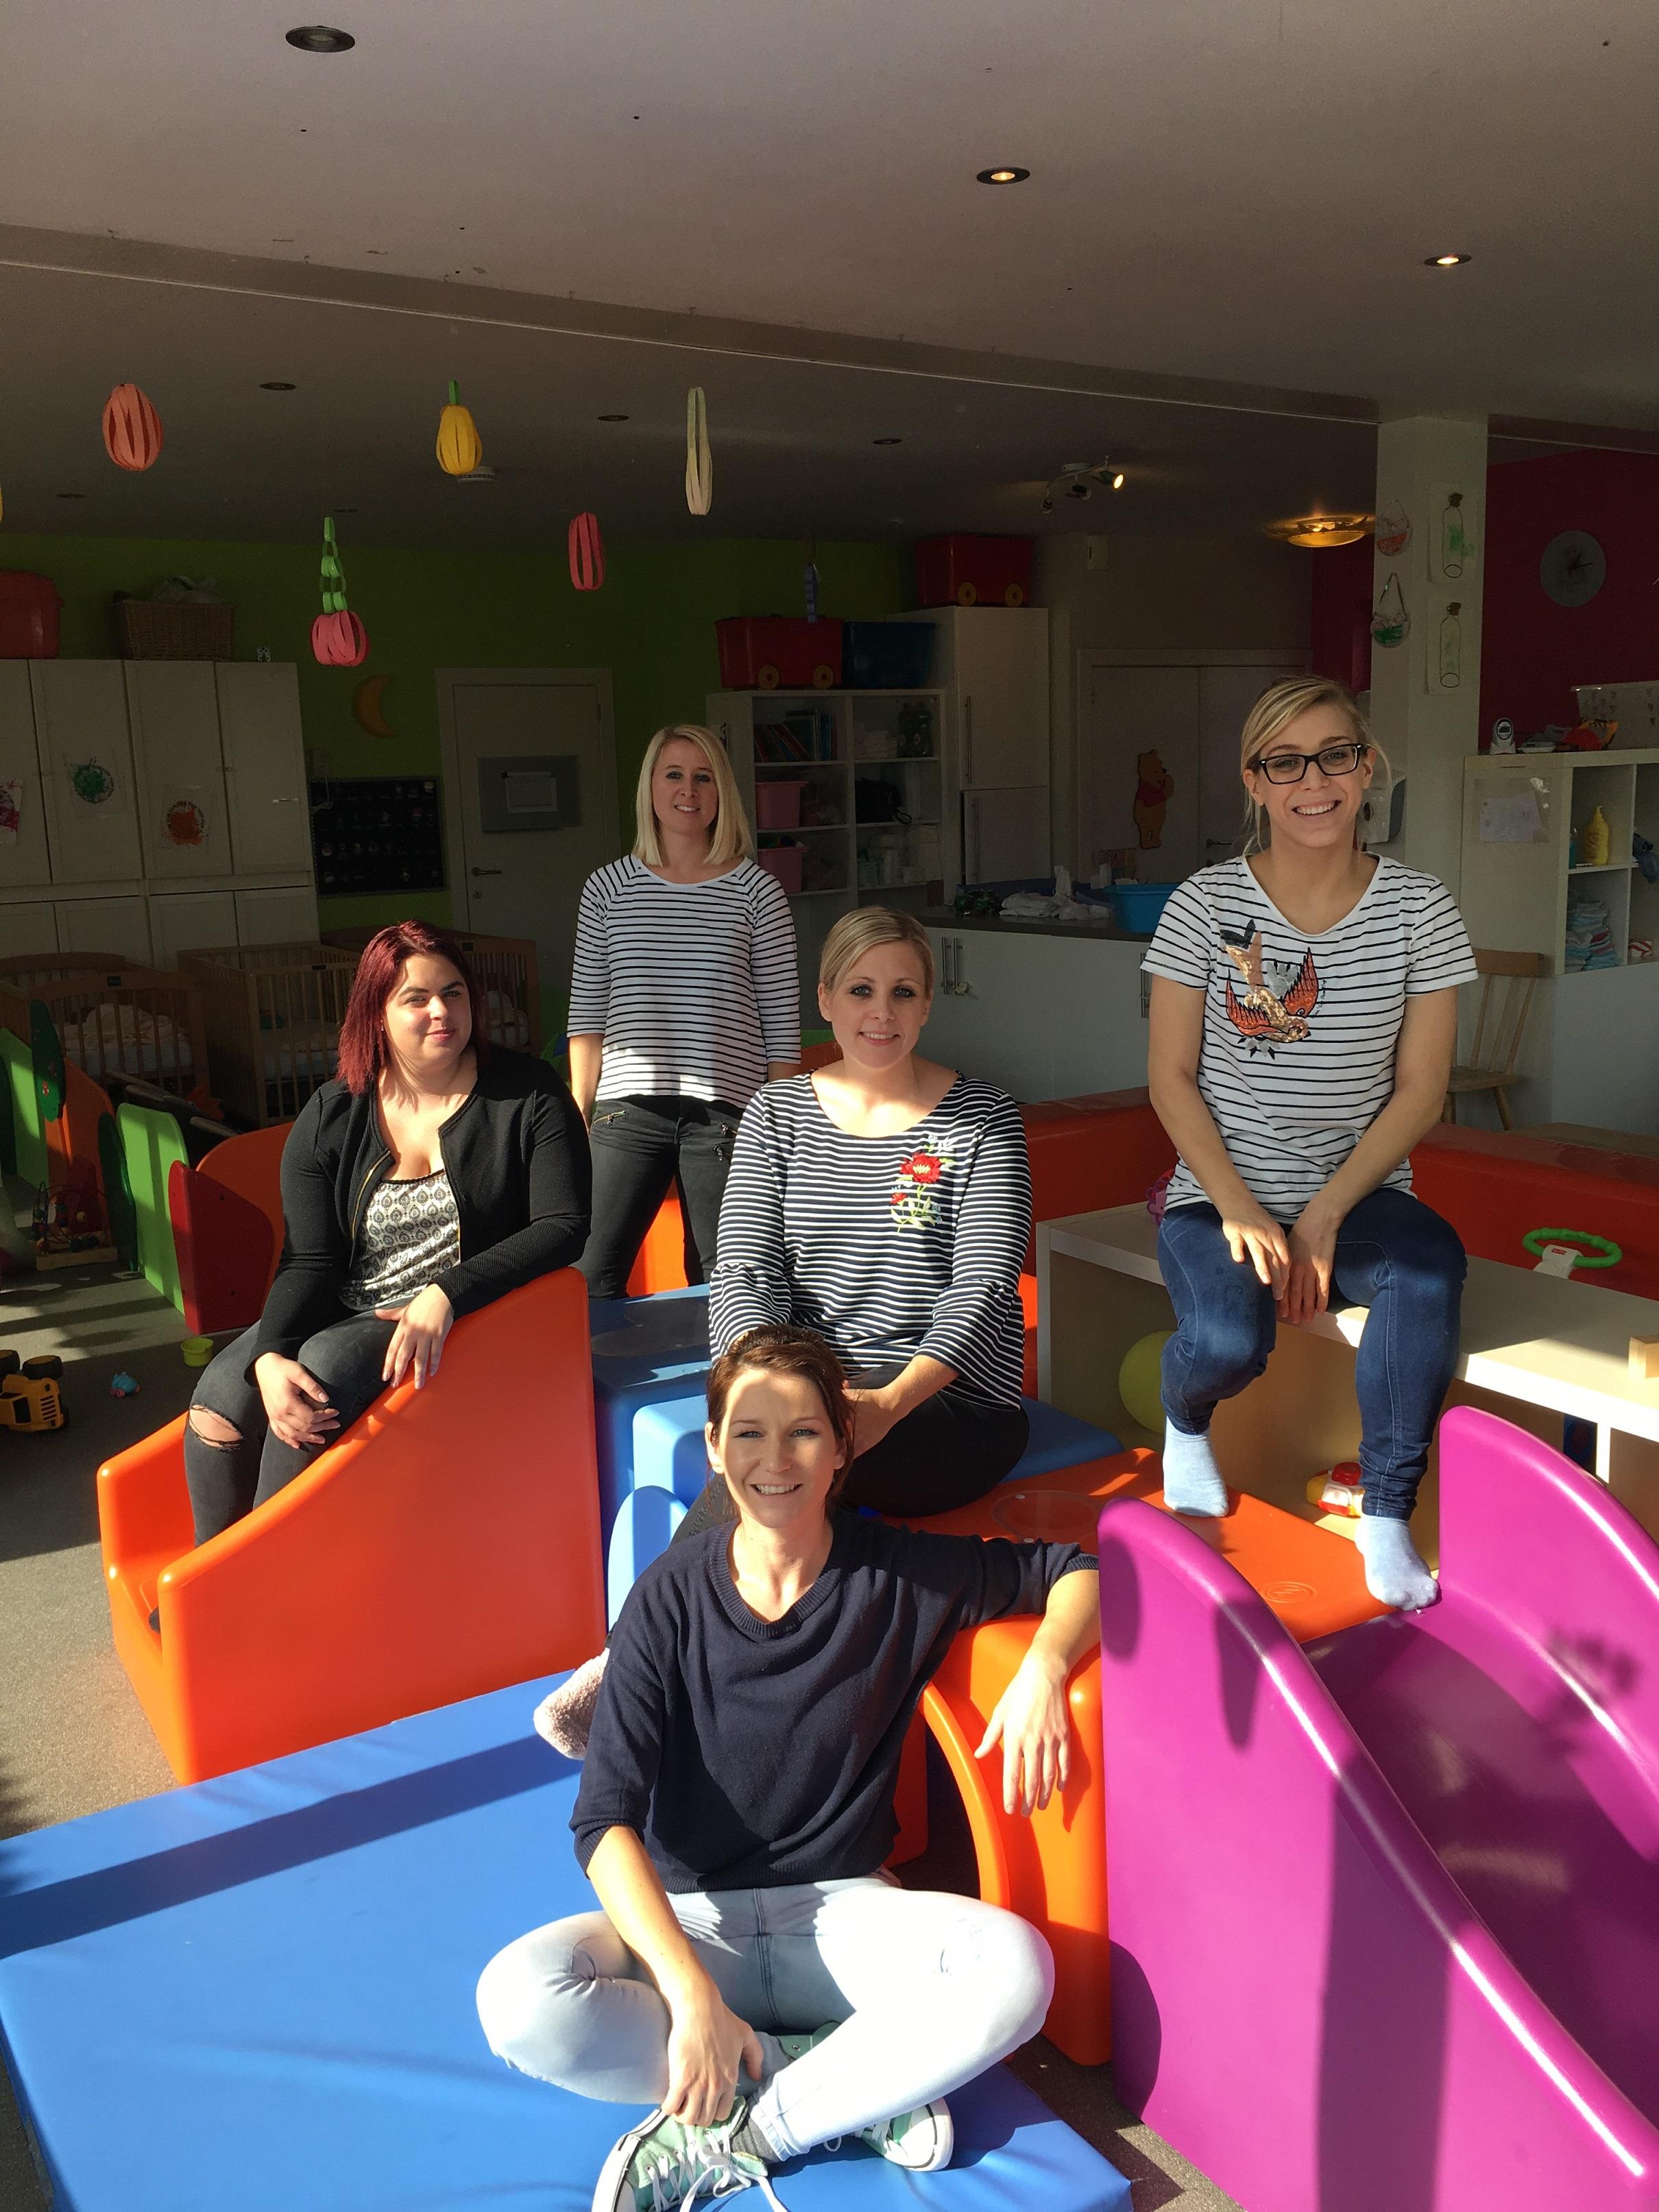 Team Kinderdagverblijf patapoef